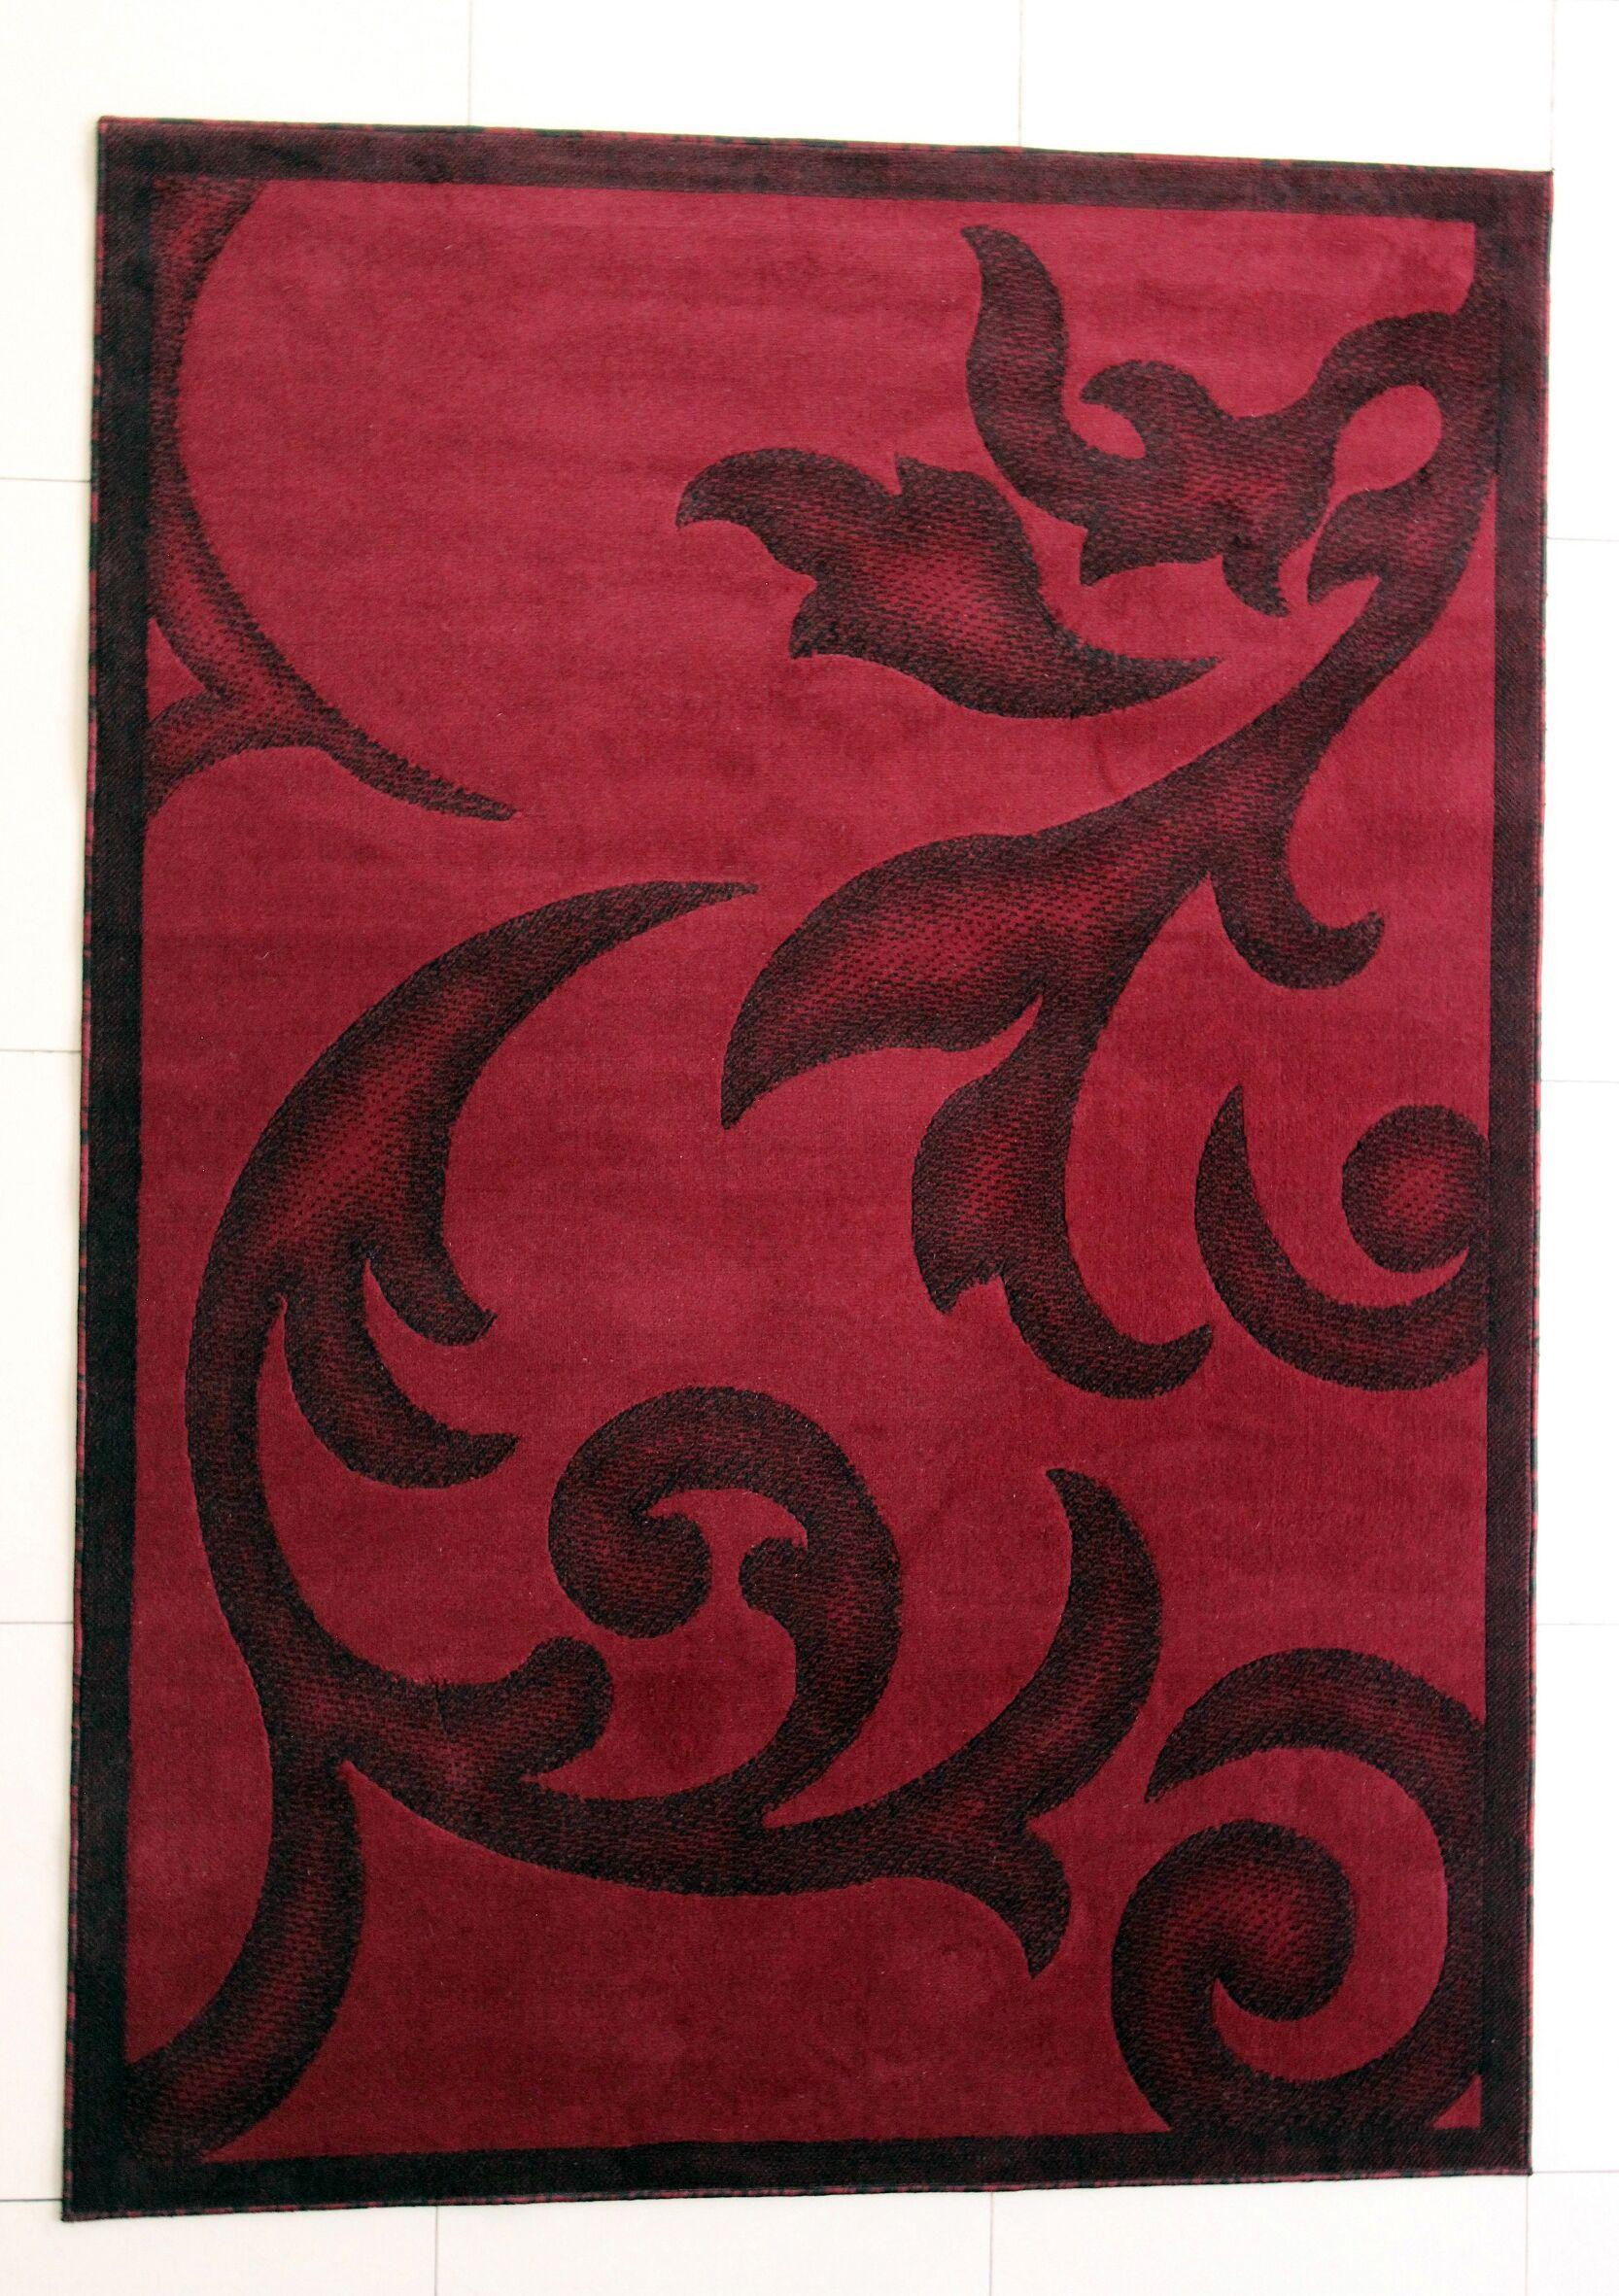 Shelby Burgundy Area Rug Rug Size: 10' x 13'